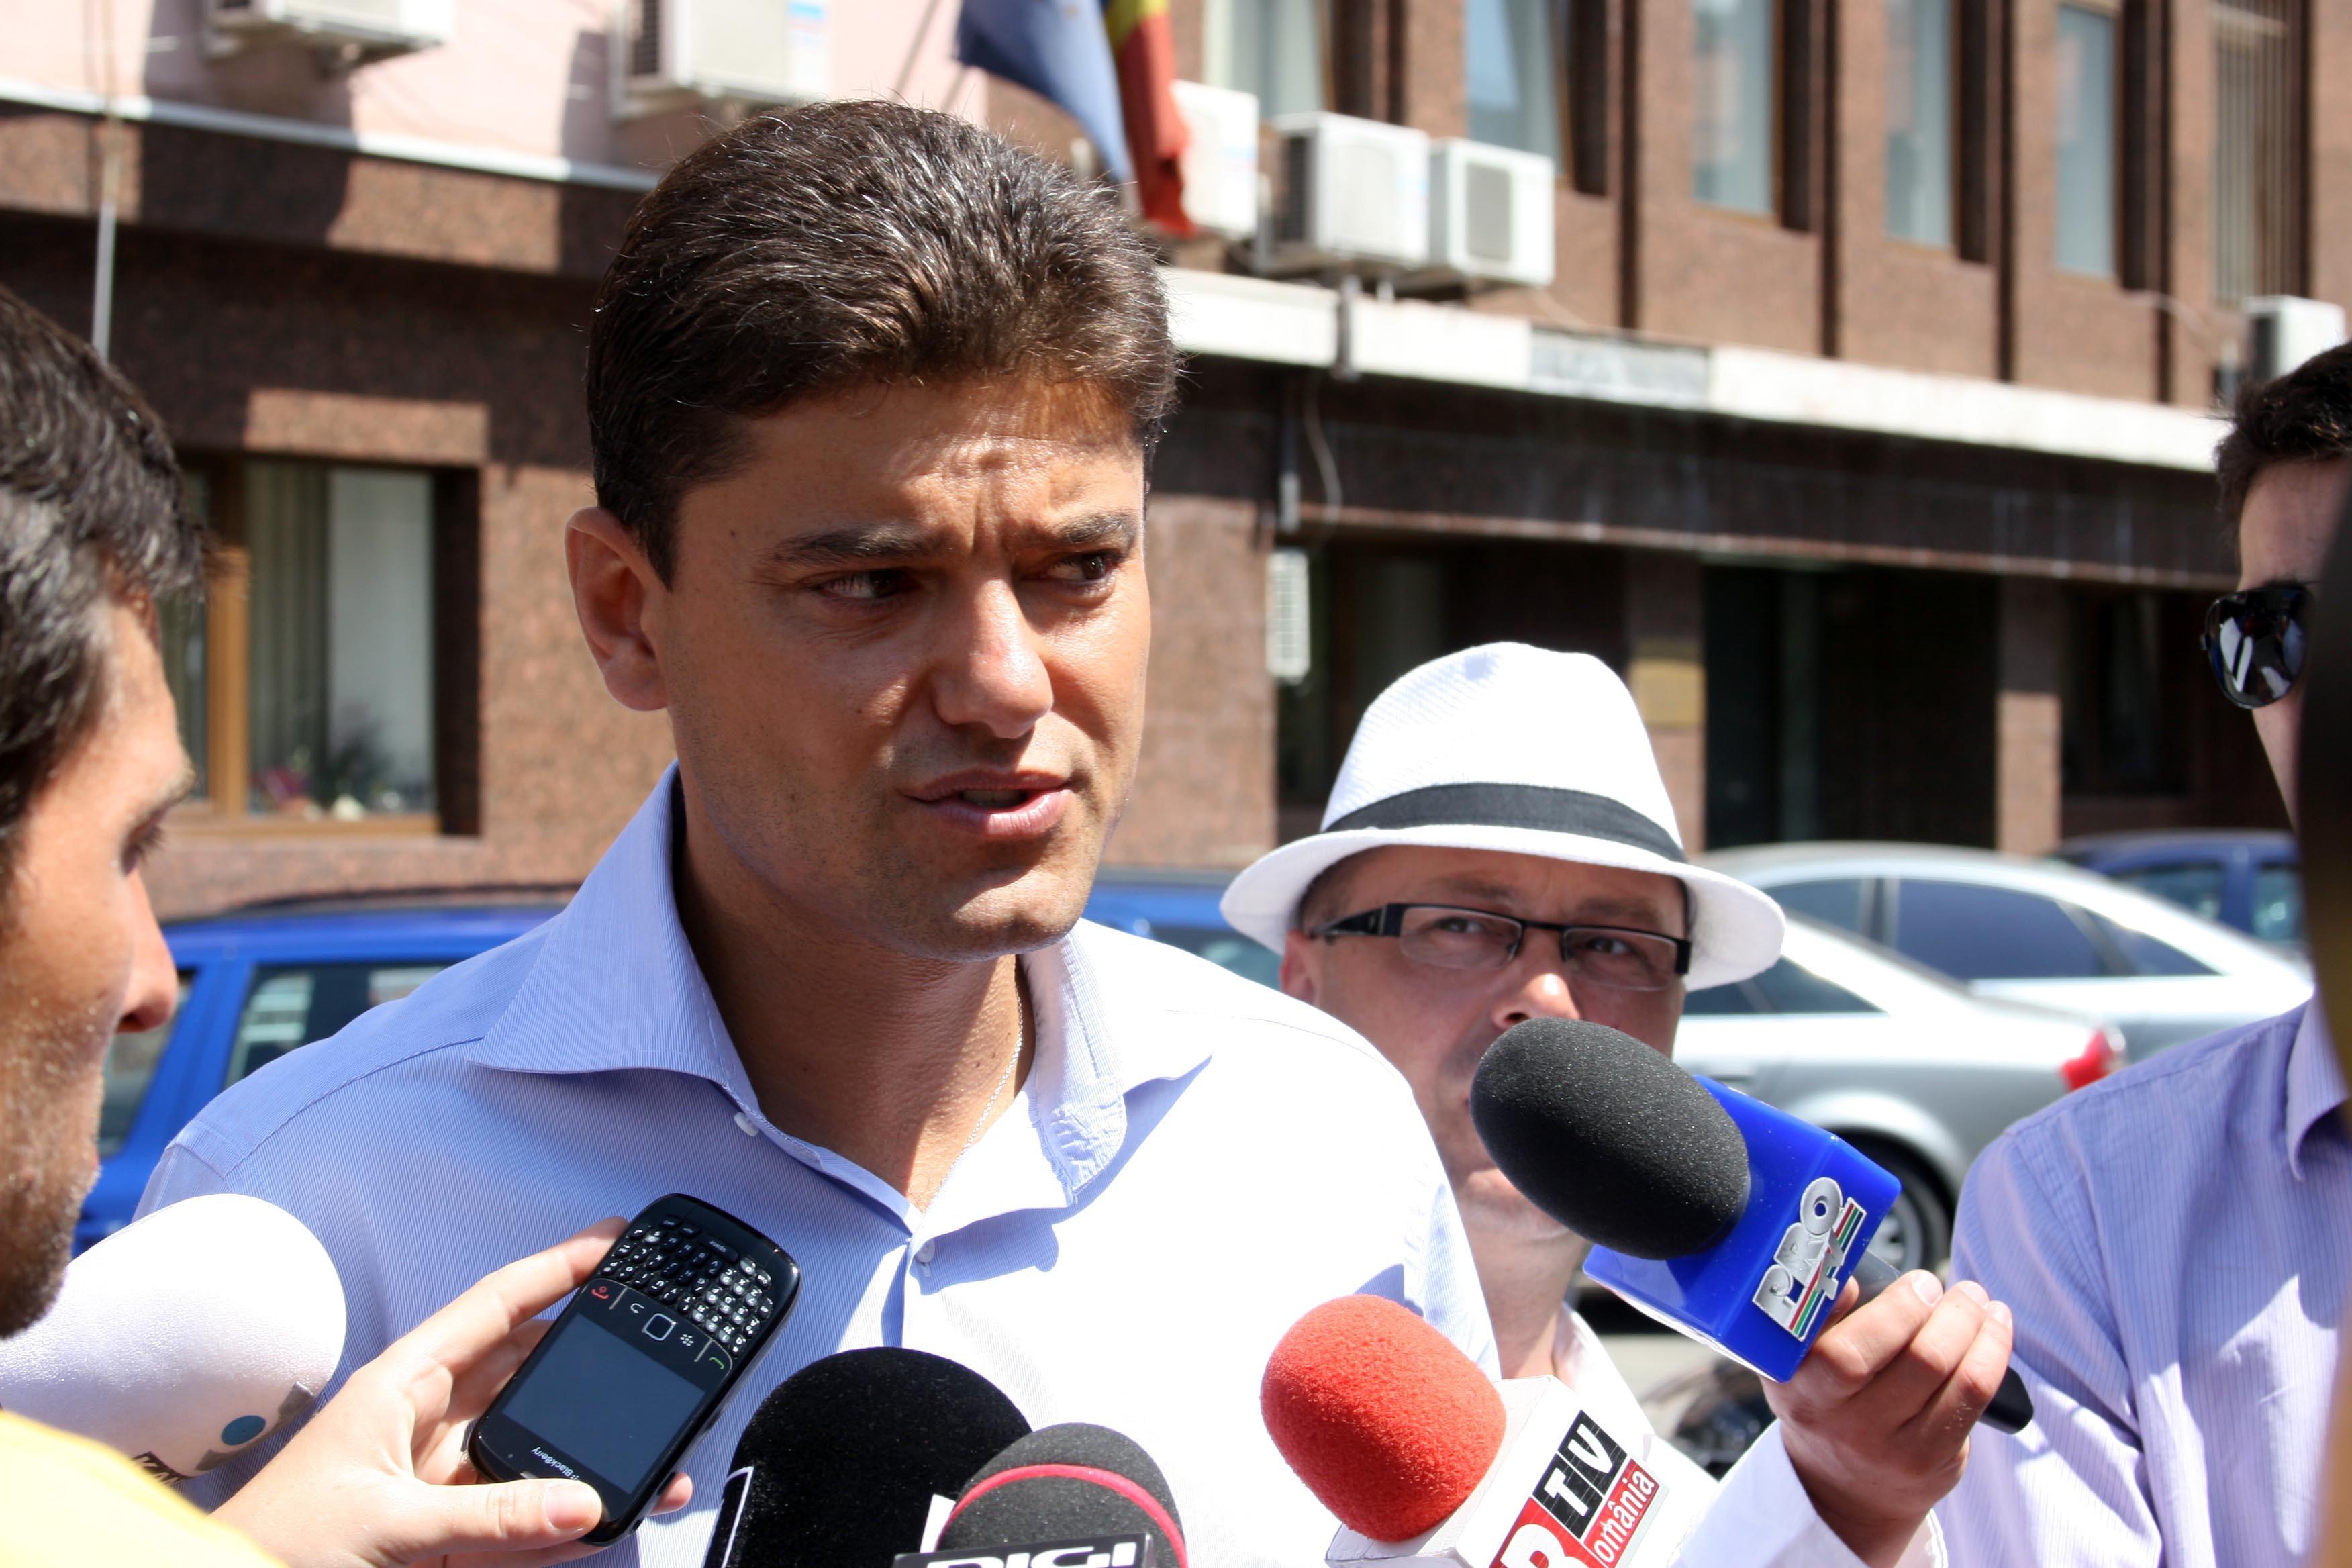 IMAGINILE ZILEI Cristian Boureanu a fost filmat după scandal, în secţia de poliţie: Făcea exerciţii de yoga şi cânta Katyusha